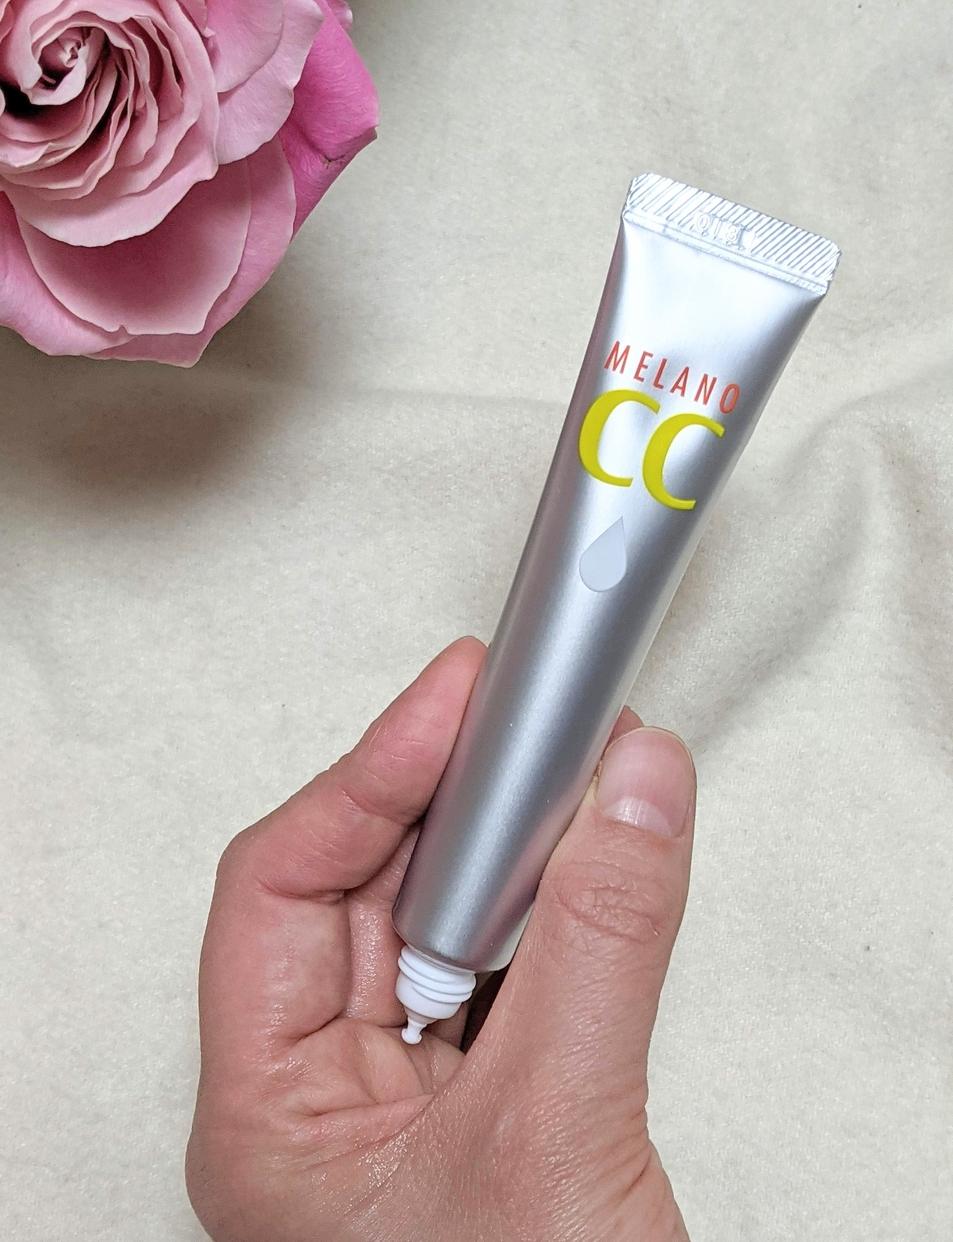 メラノCC 薬用 しみ 集中対策 美容液を使ったr_cosme_roomさんのクチコミ画像1